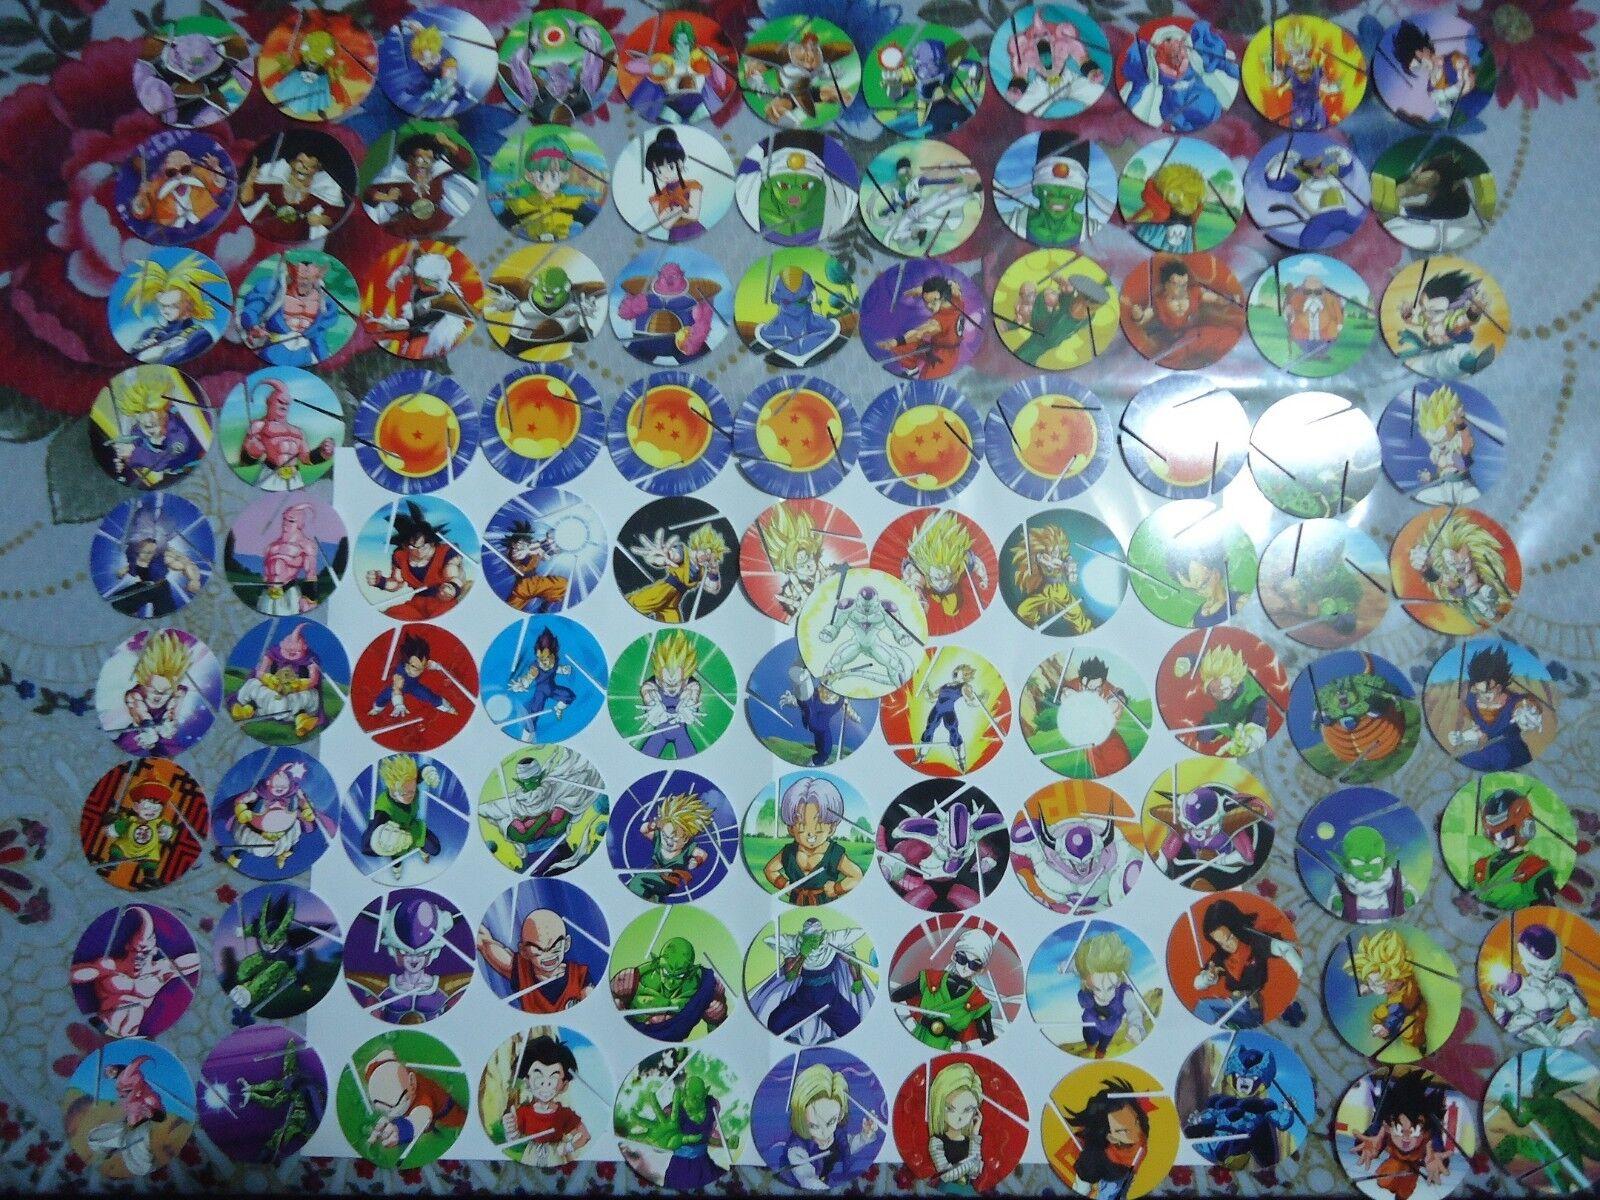 mejor precio Colección completa de 100 Tazos De Dragon Ball Z De De De Tazos México 2018  tomamos a los clientes como nuestro dios